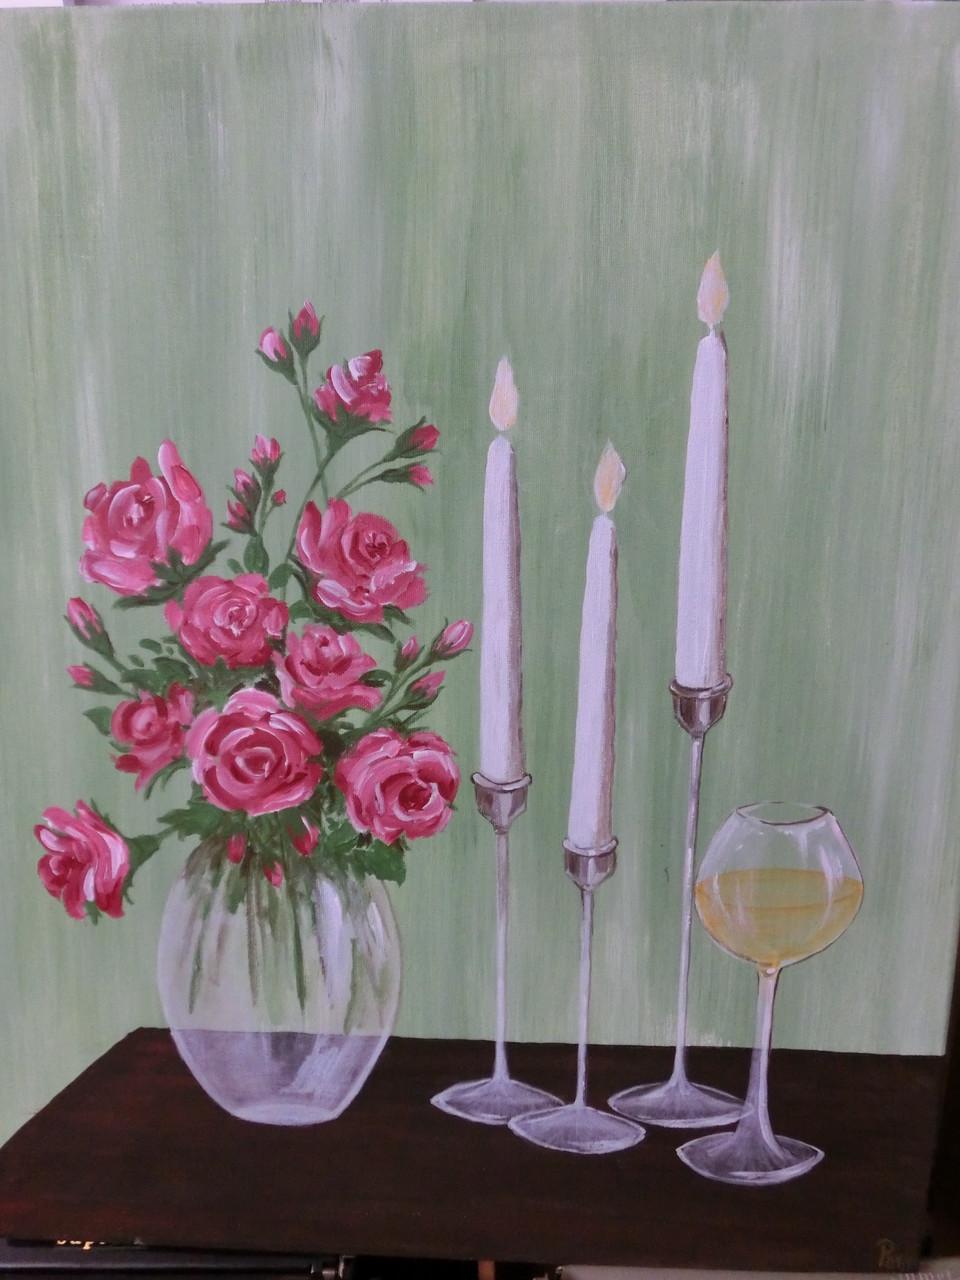 Rosen und Wein - Acryl auf Leinwand